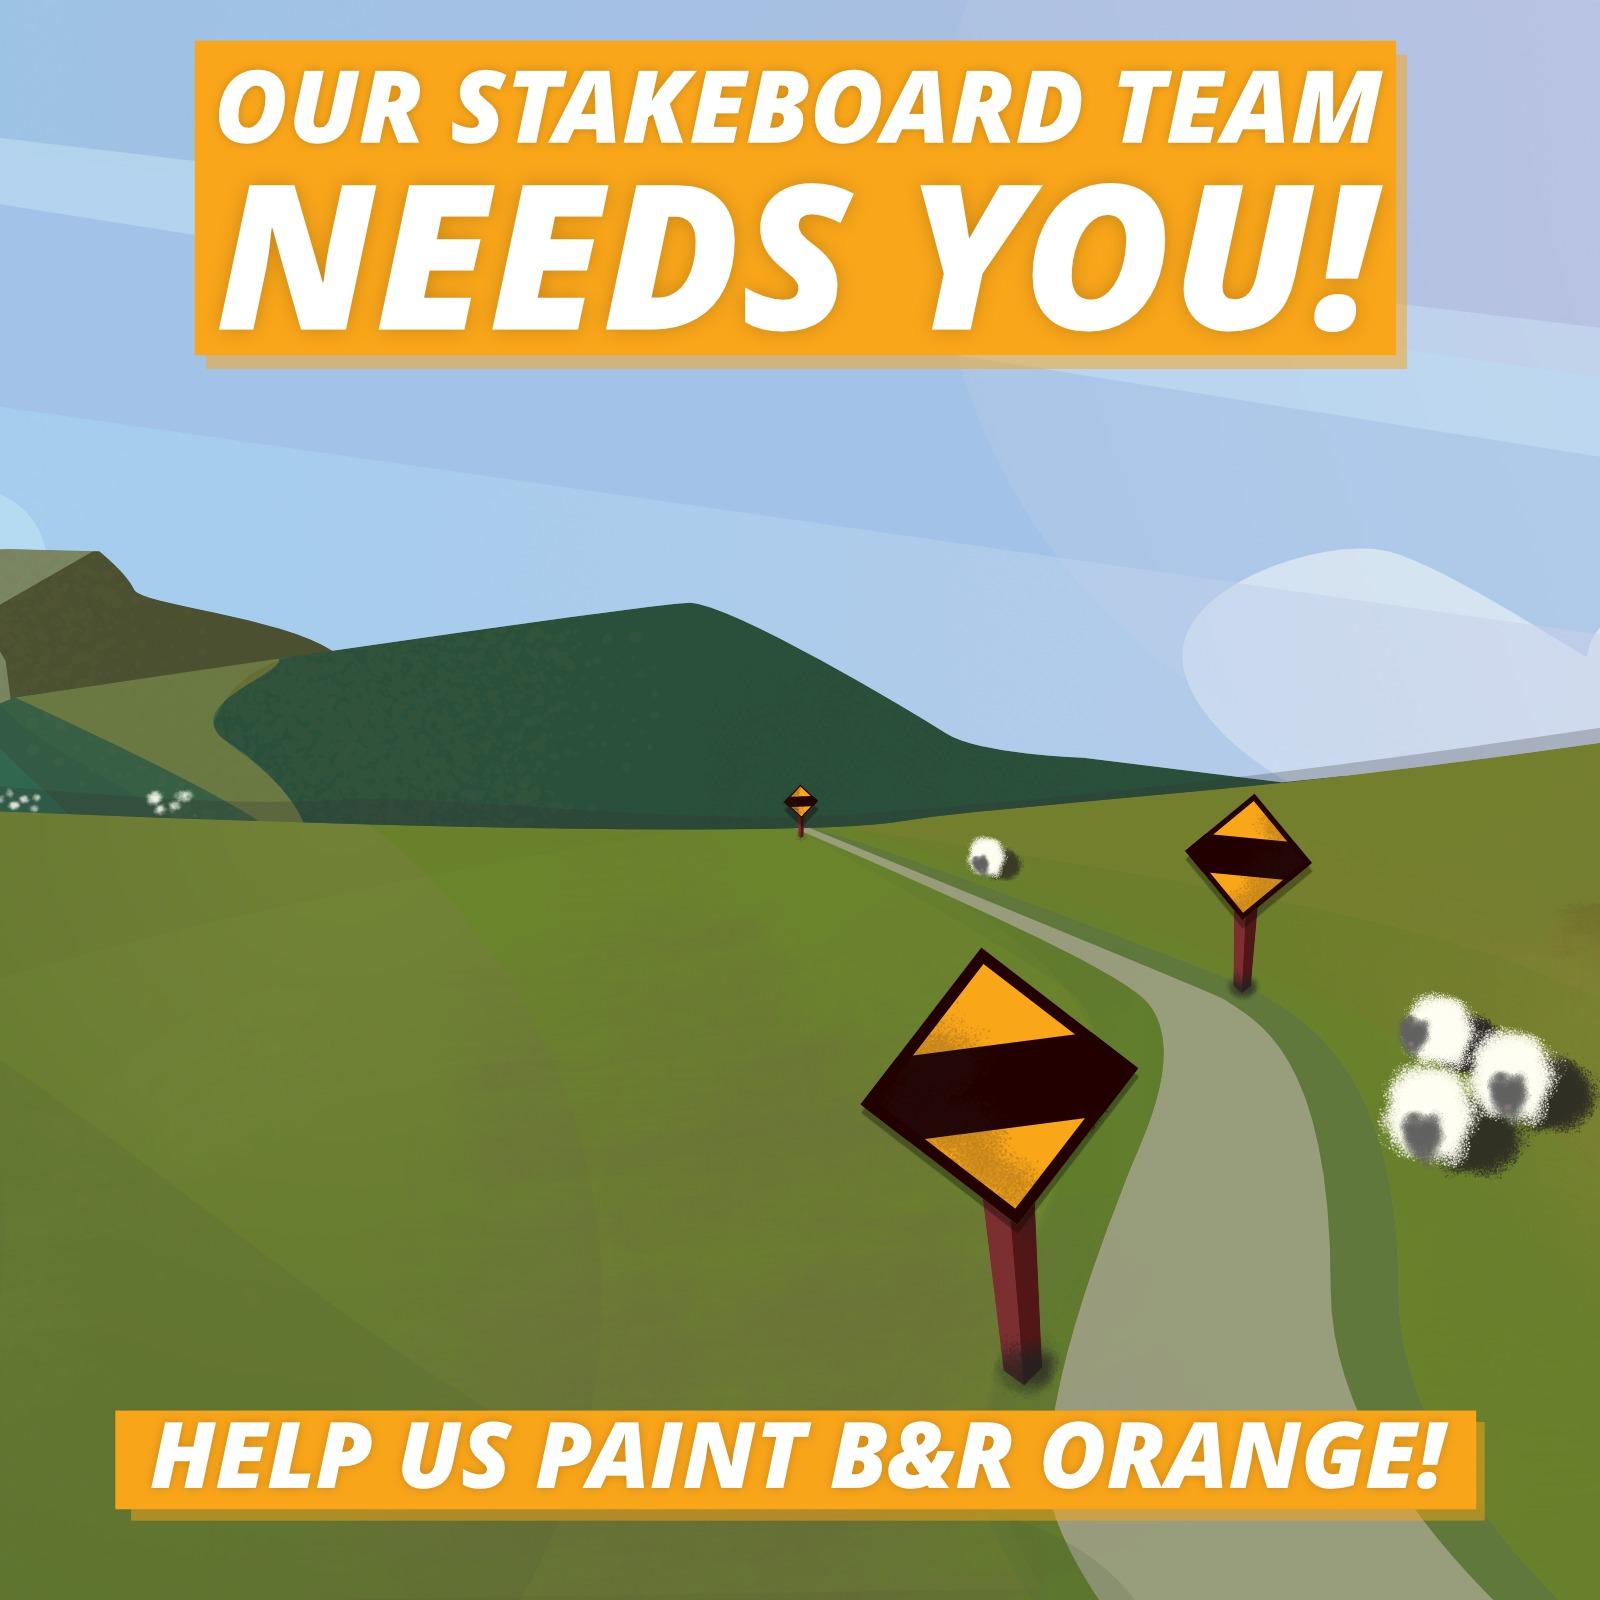 stakeboard_team.jpg